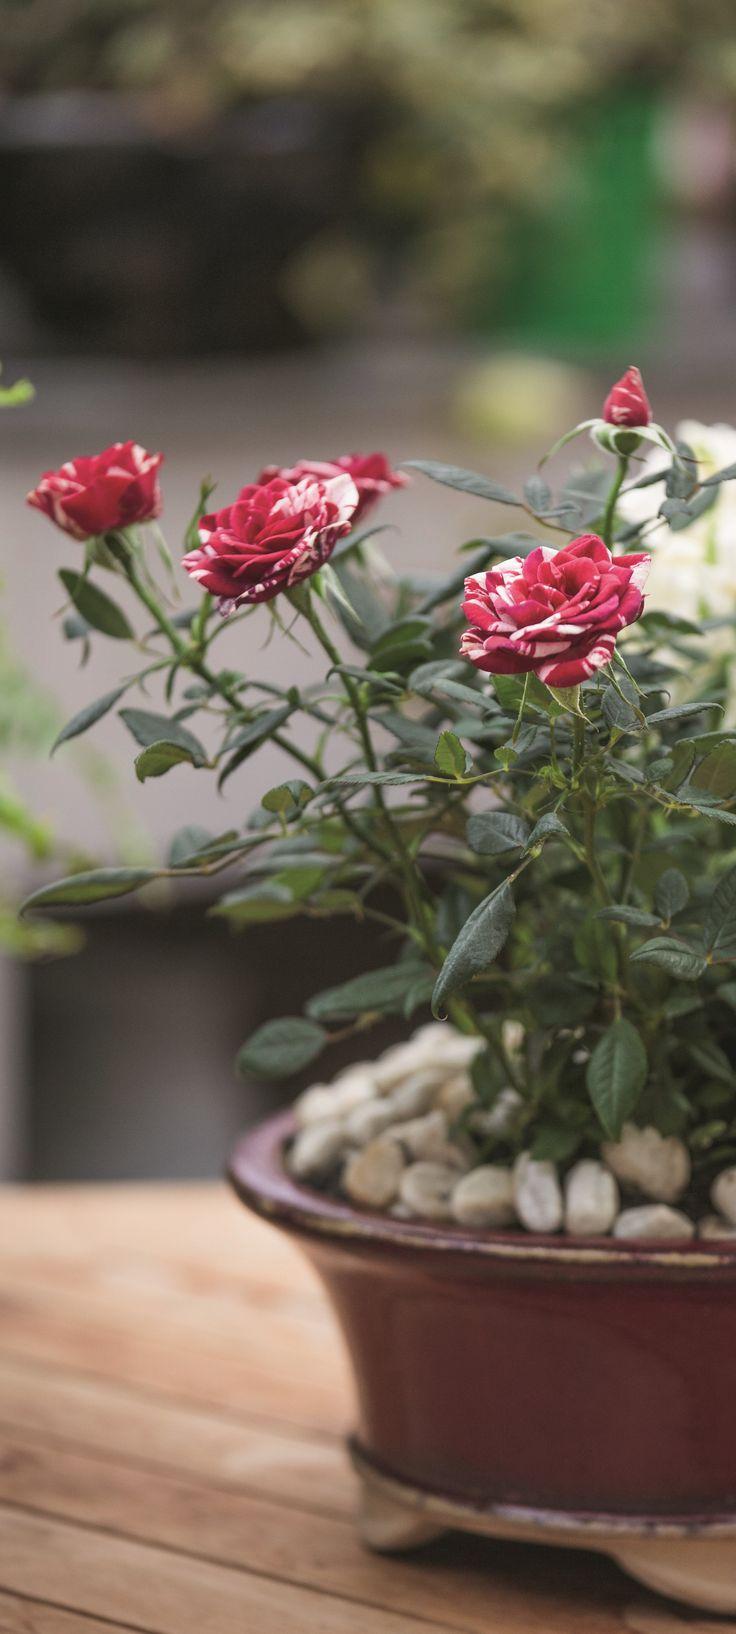 Mini-rosier en fleur Jardinière associant des jacinthes blanches en fleur, de l'helxine, un mini-rosier.